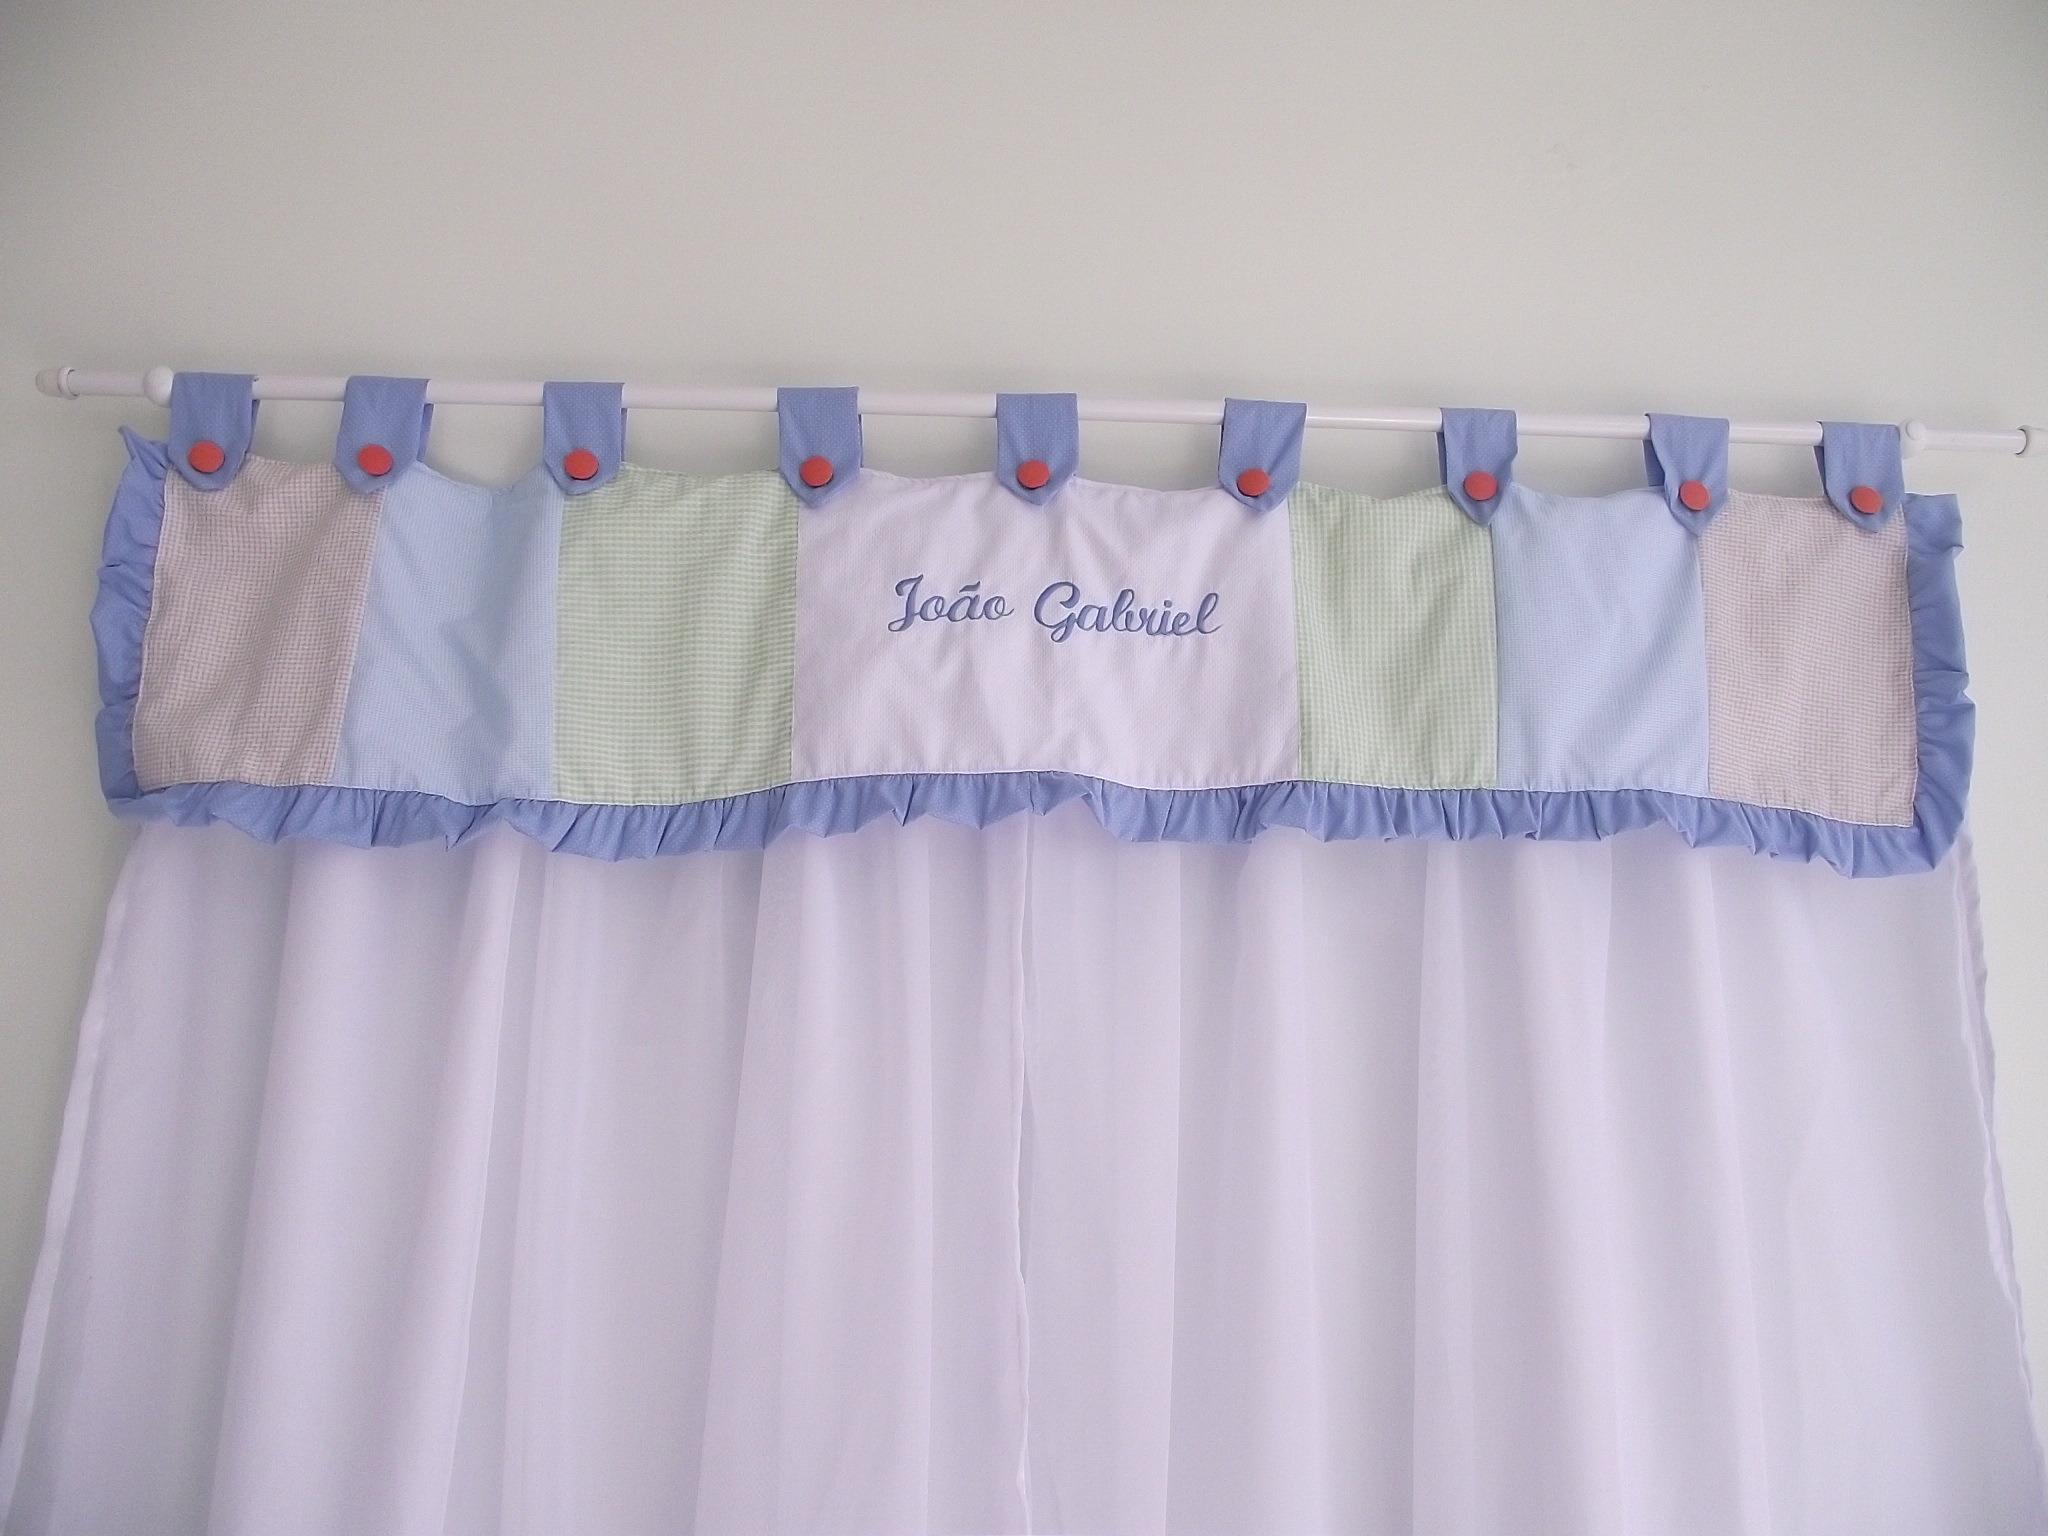 Cortina para quarto beb personalizada sonho de beb - Cortinas de bebe ...